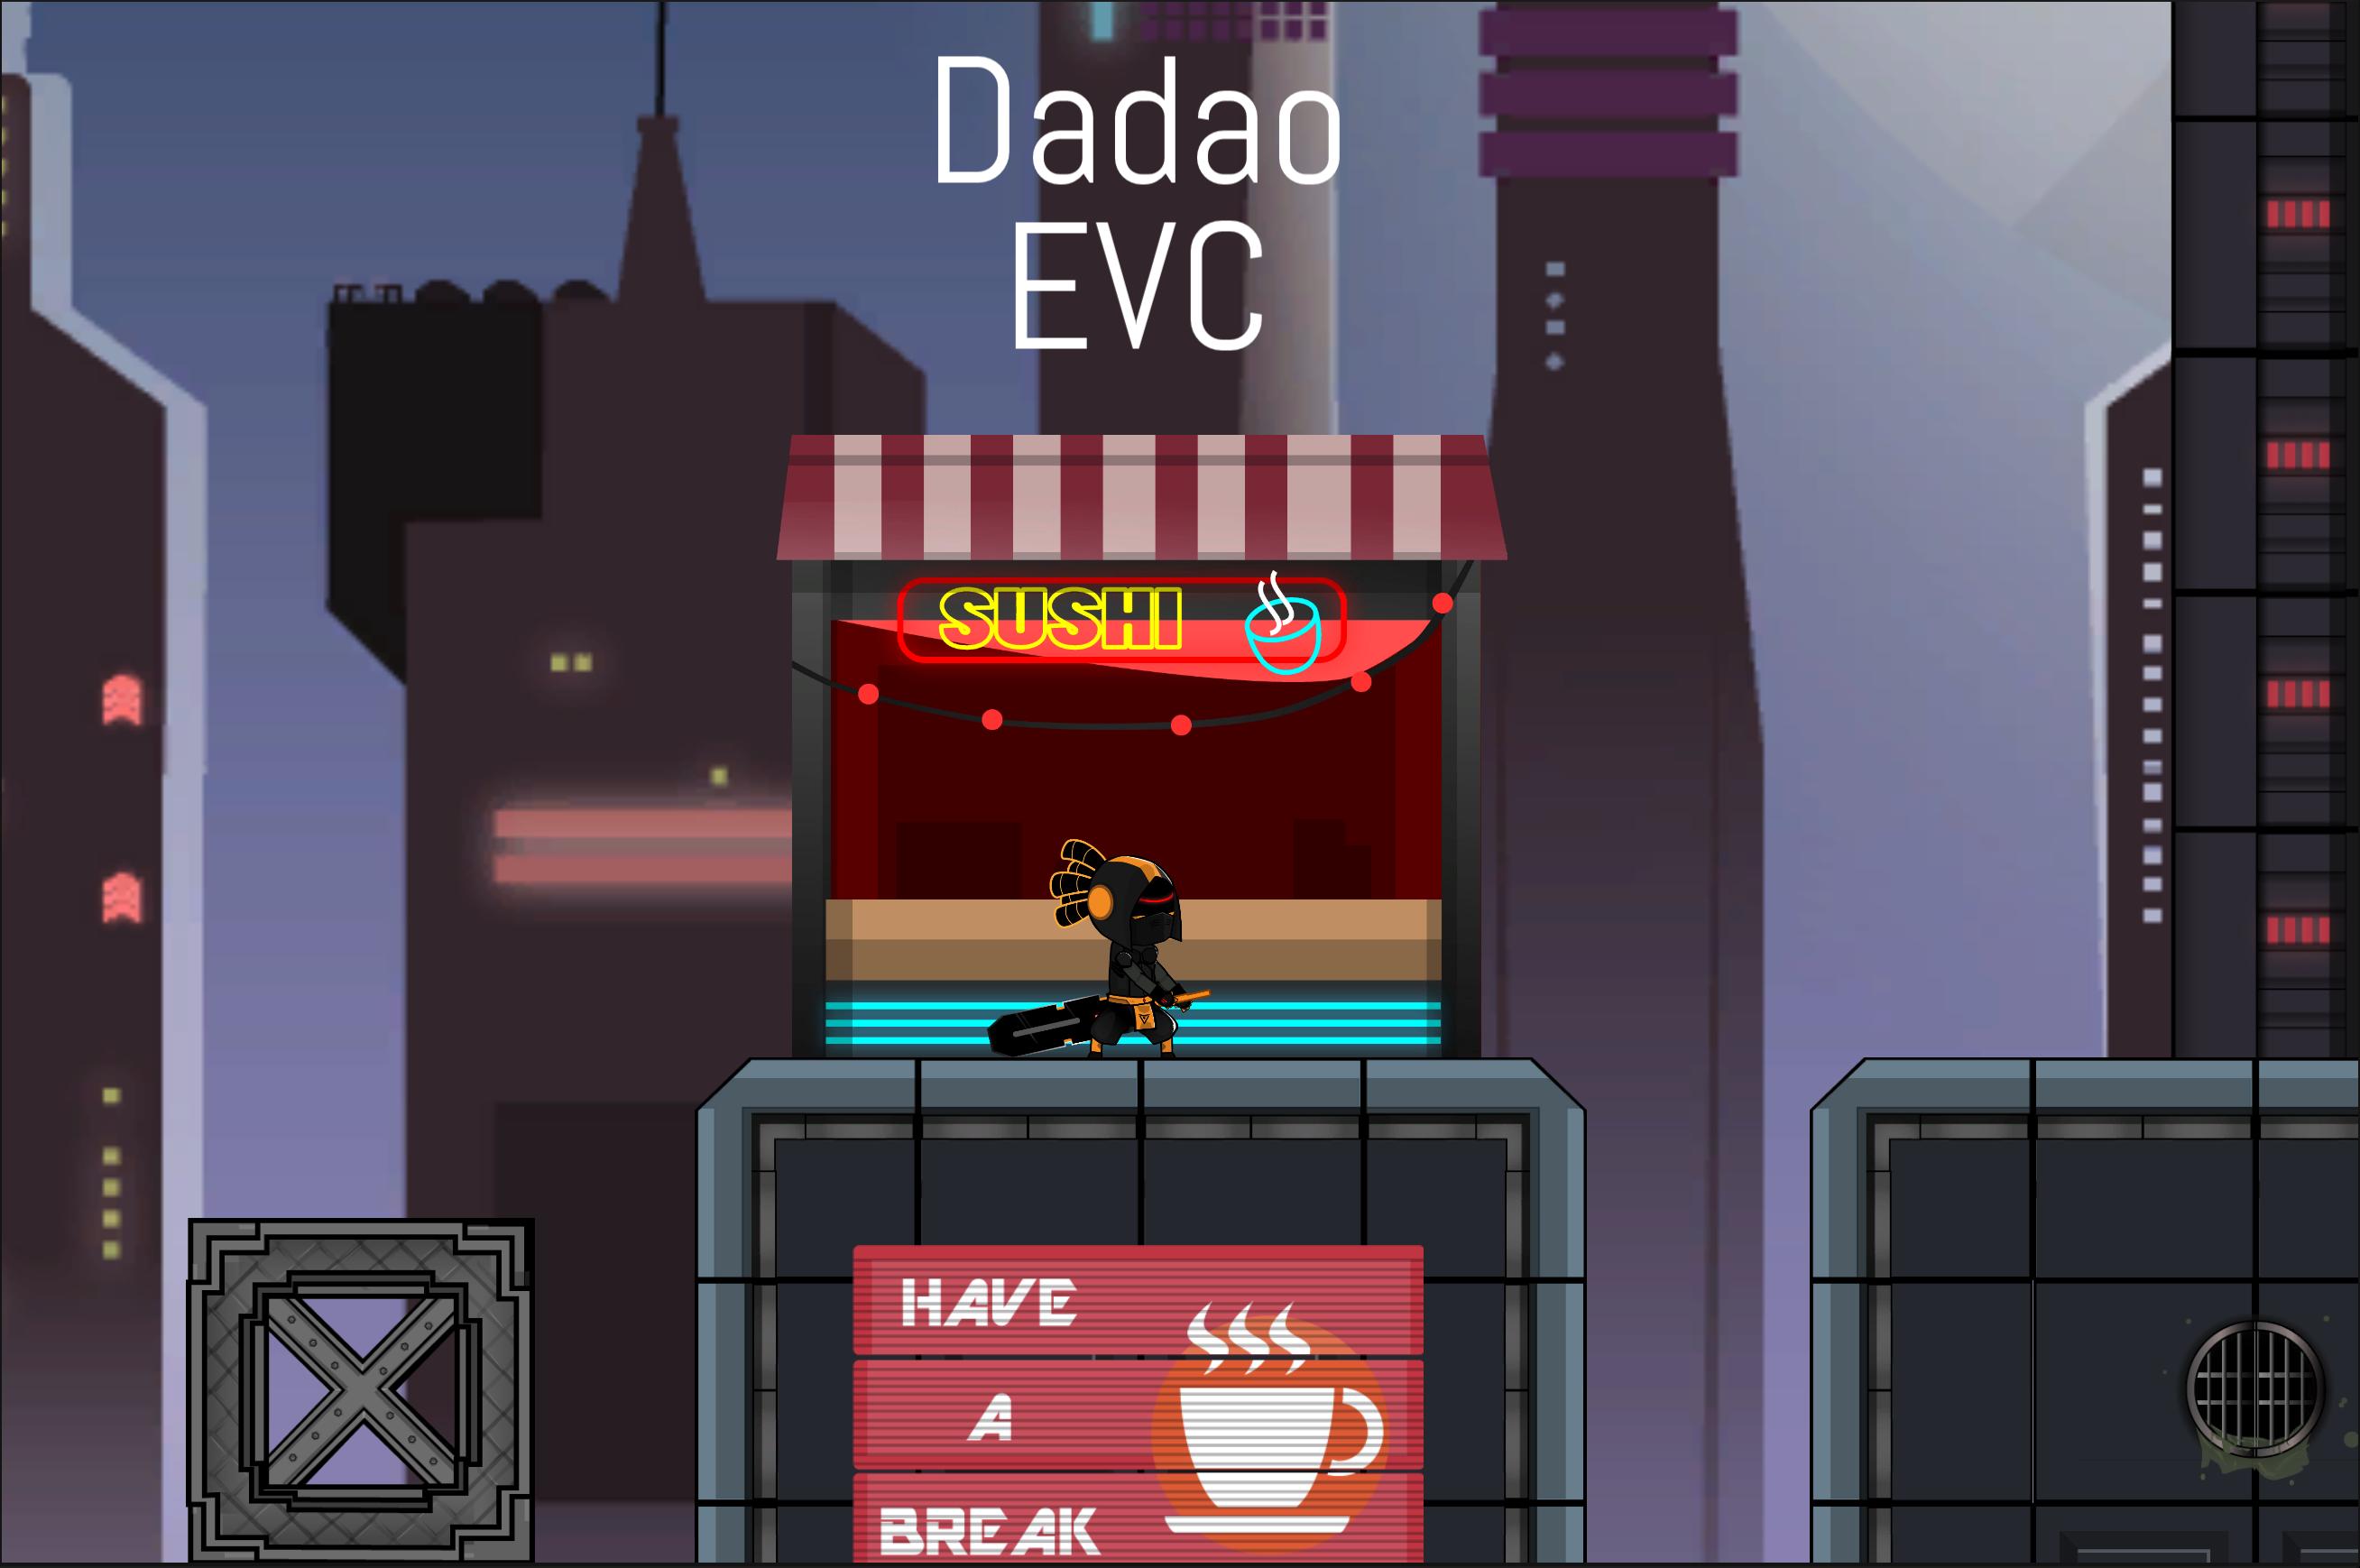 Dadao - EVC Playtesting